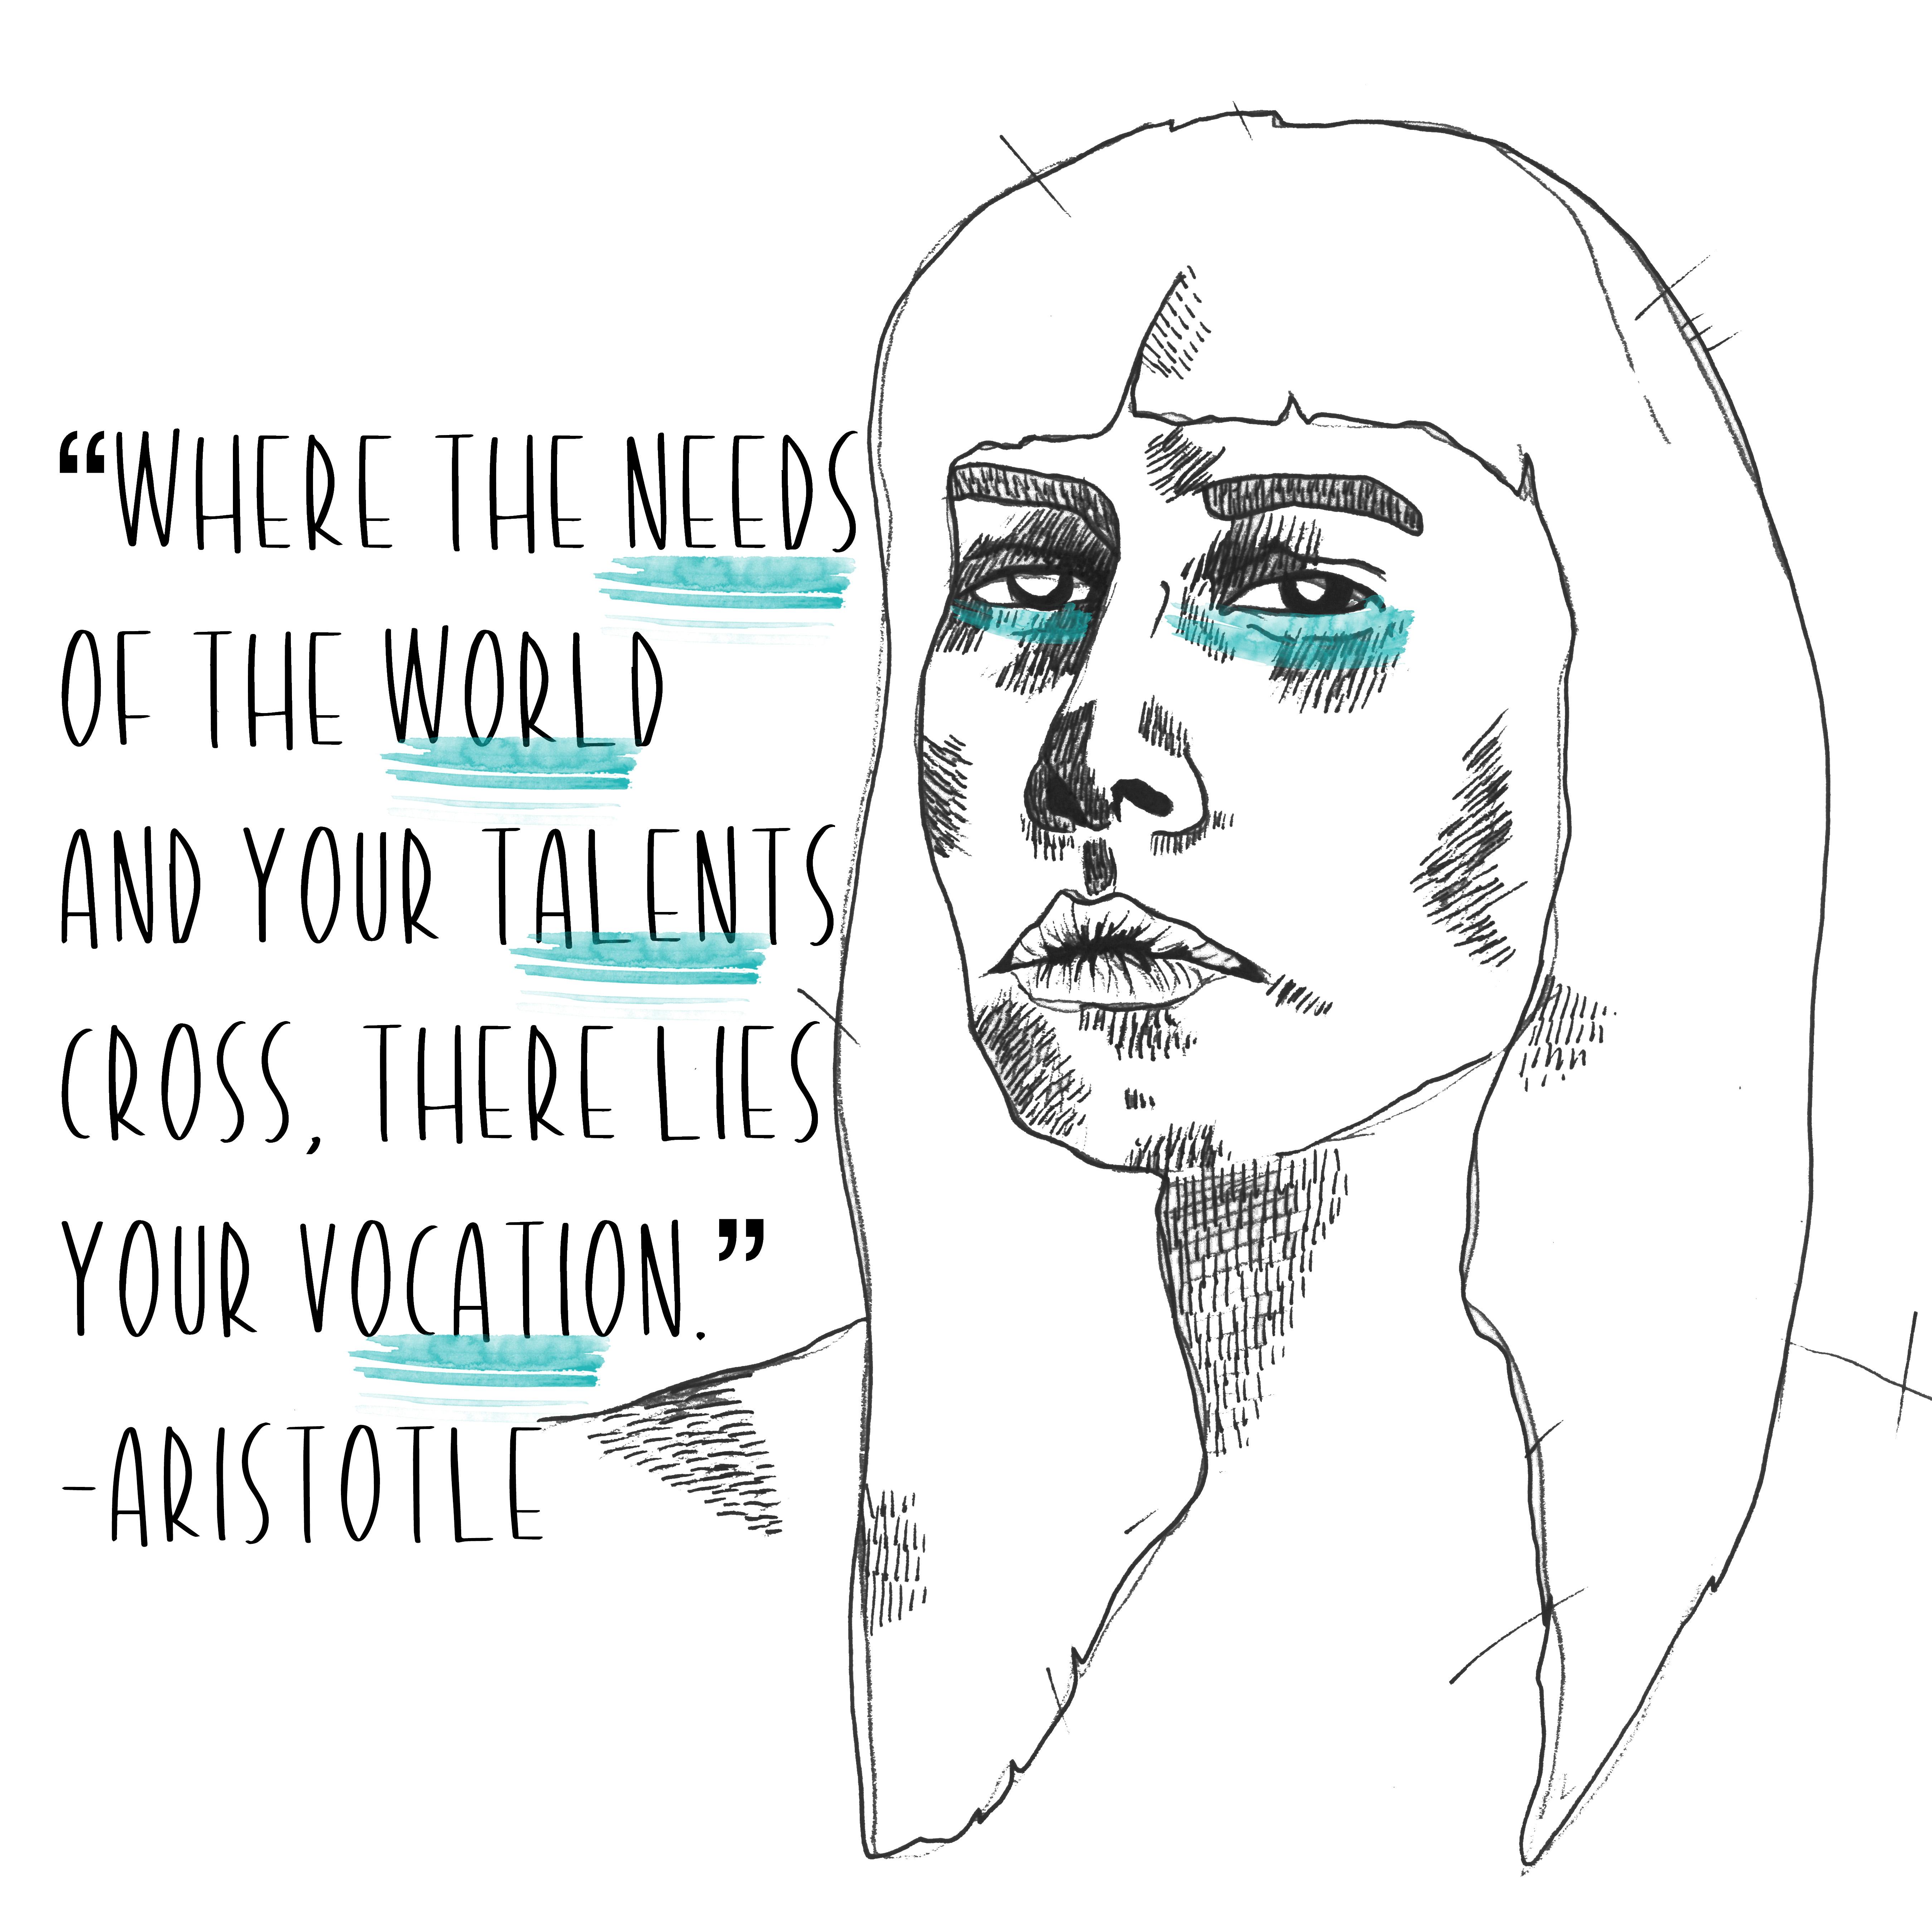 artistotle